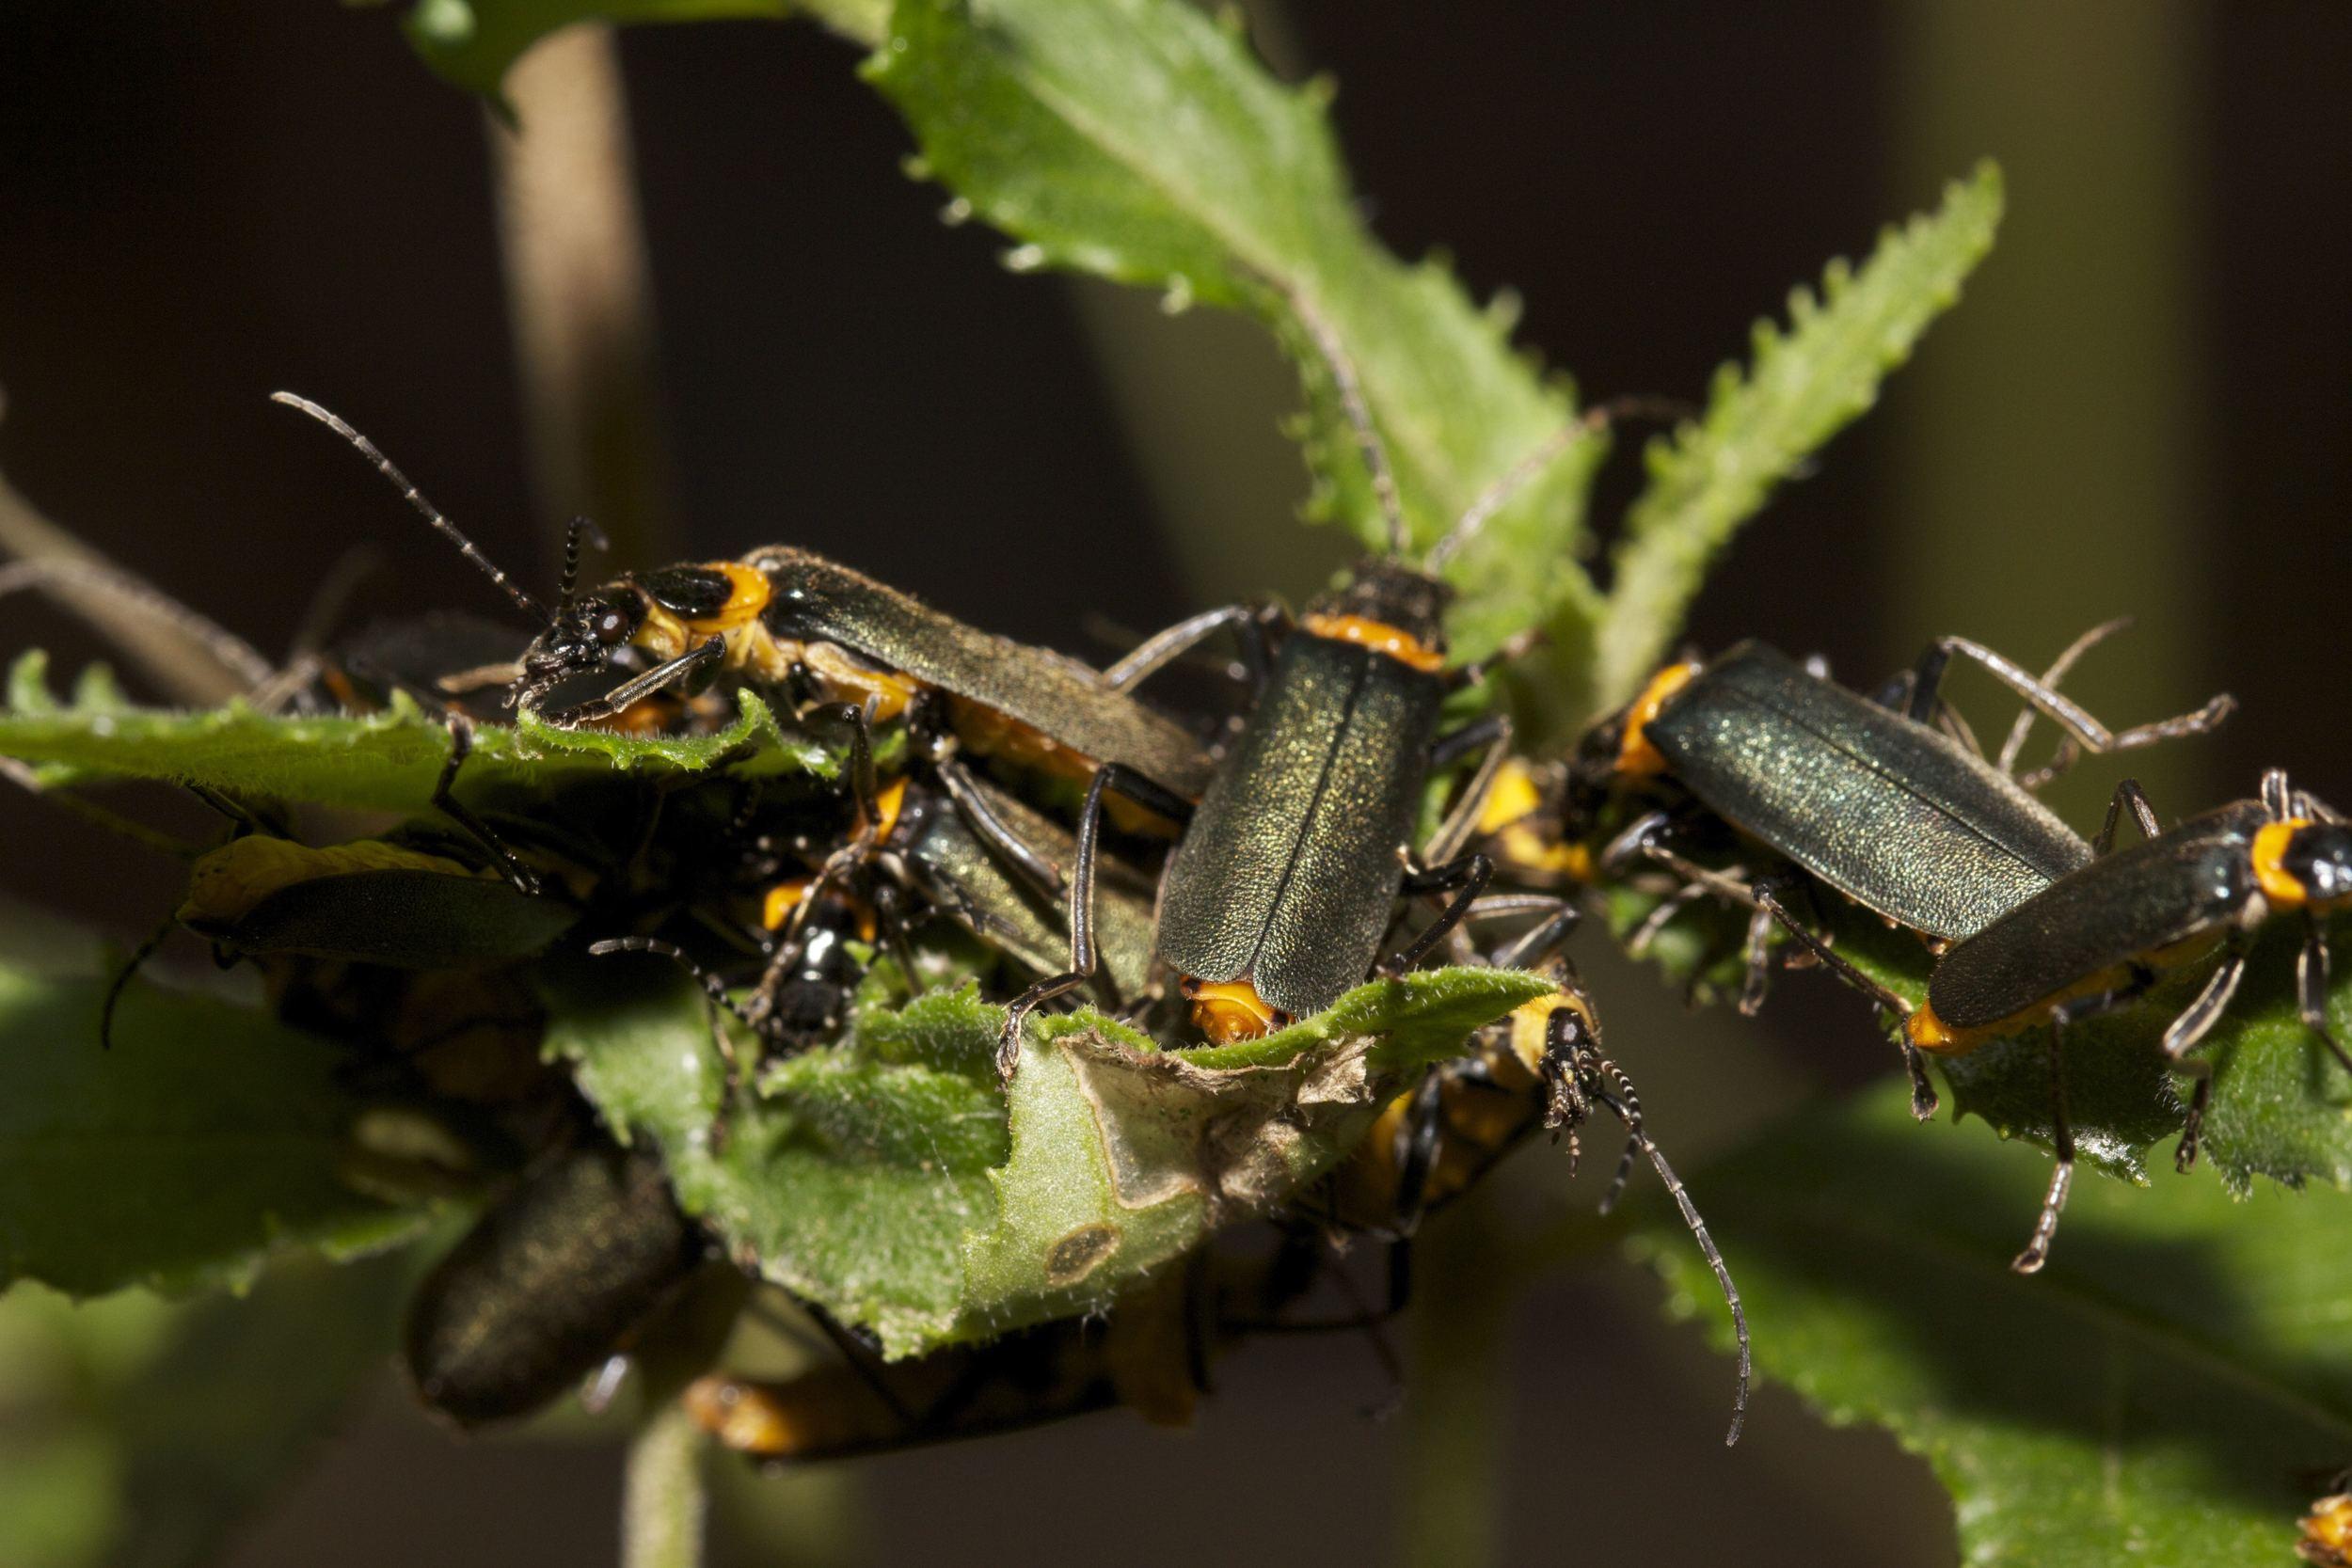 Clusters of beetles